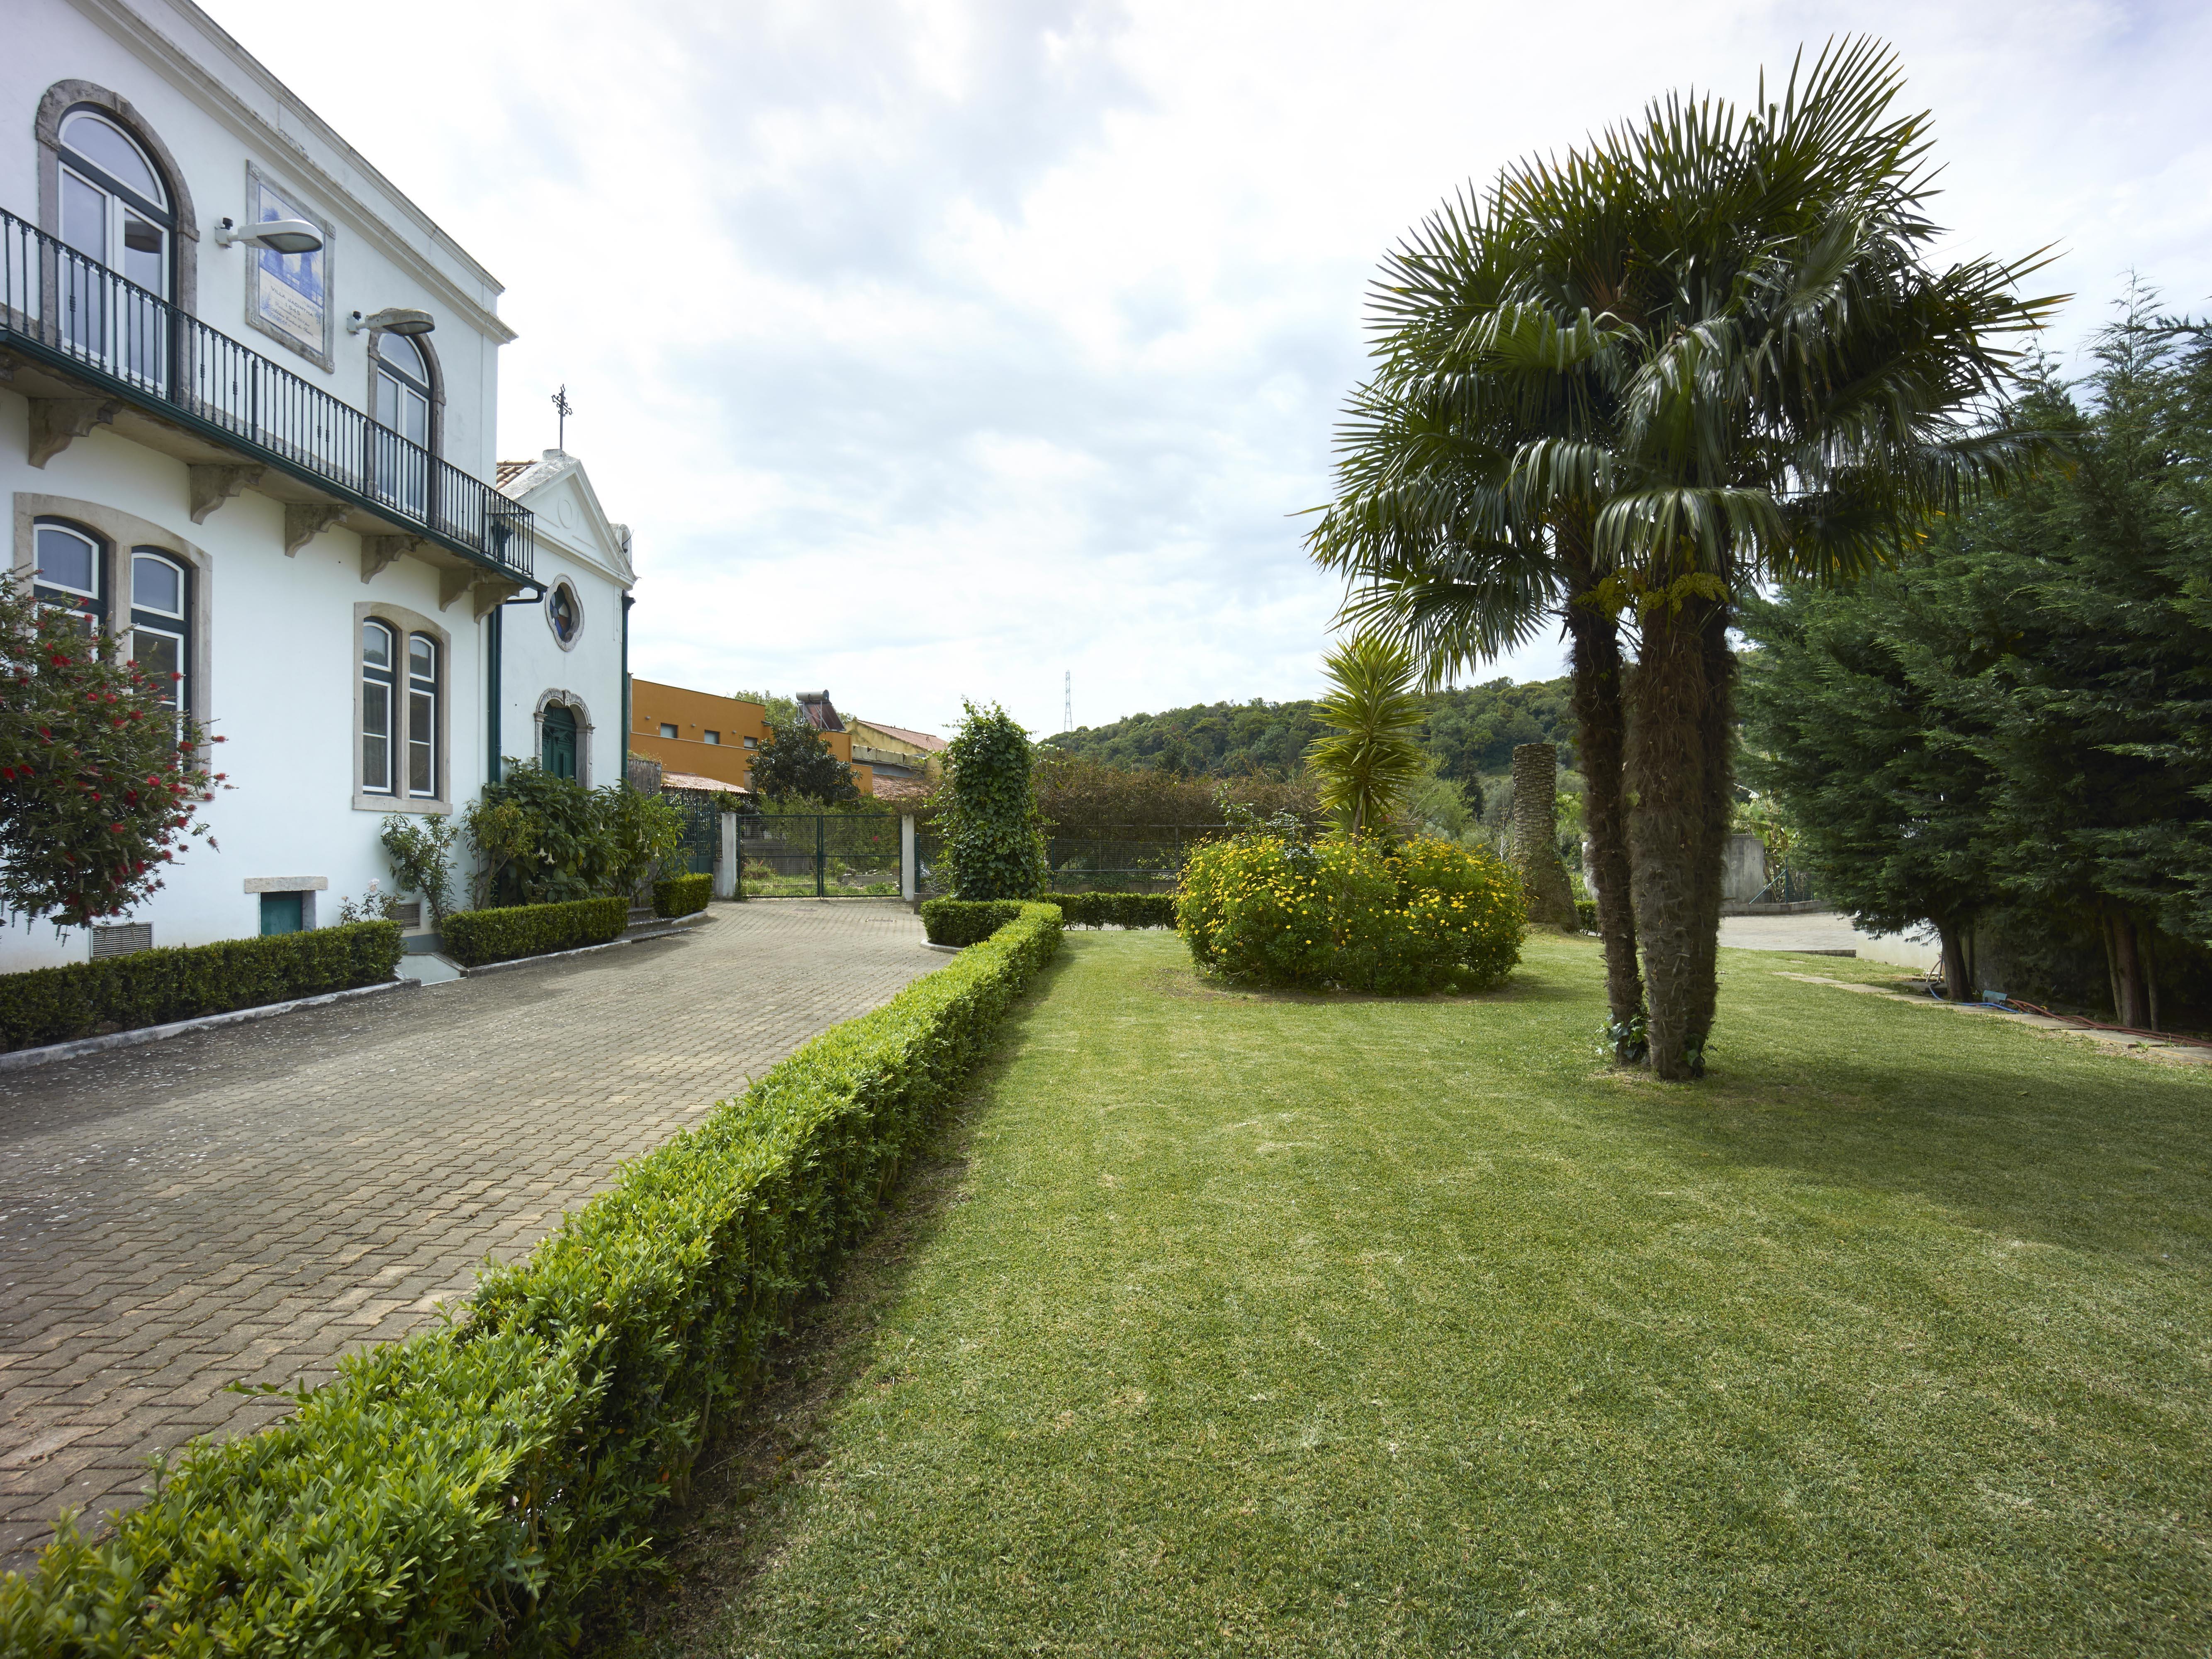 Maison unifamiliale pour l Vente à House, 19 bedrooms, for Sale Sintra, Lisbonne, 2605-001 Portugal